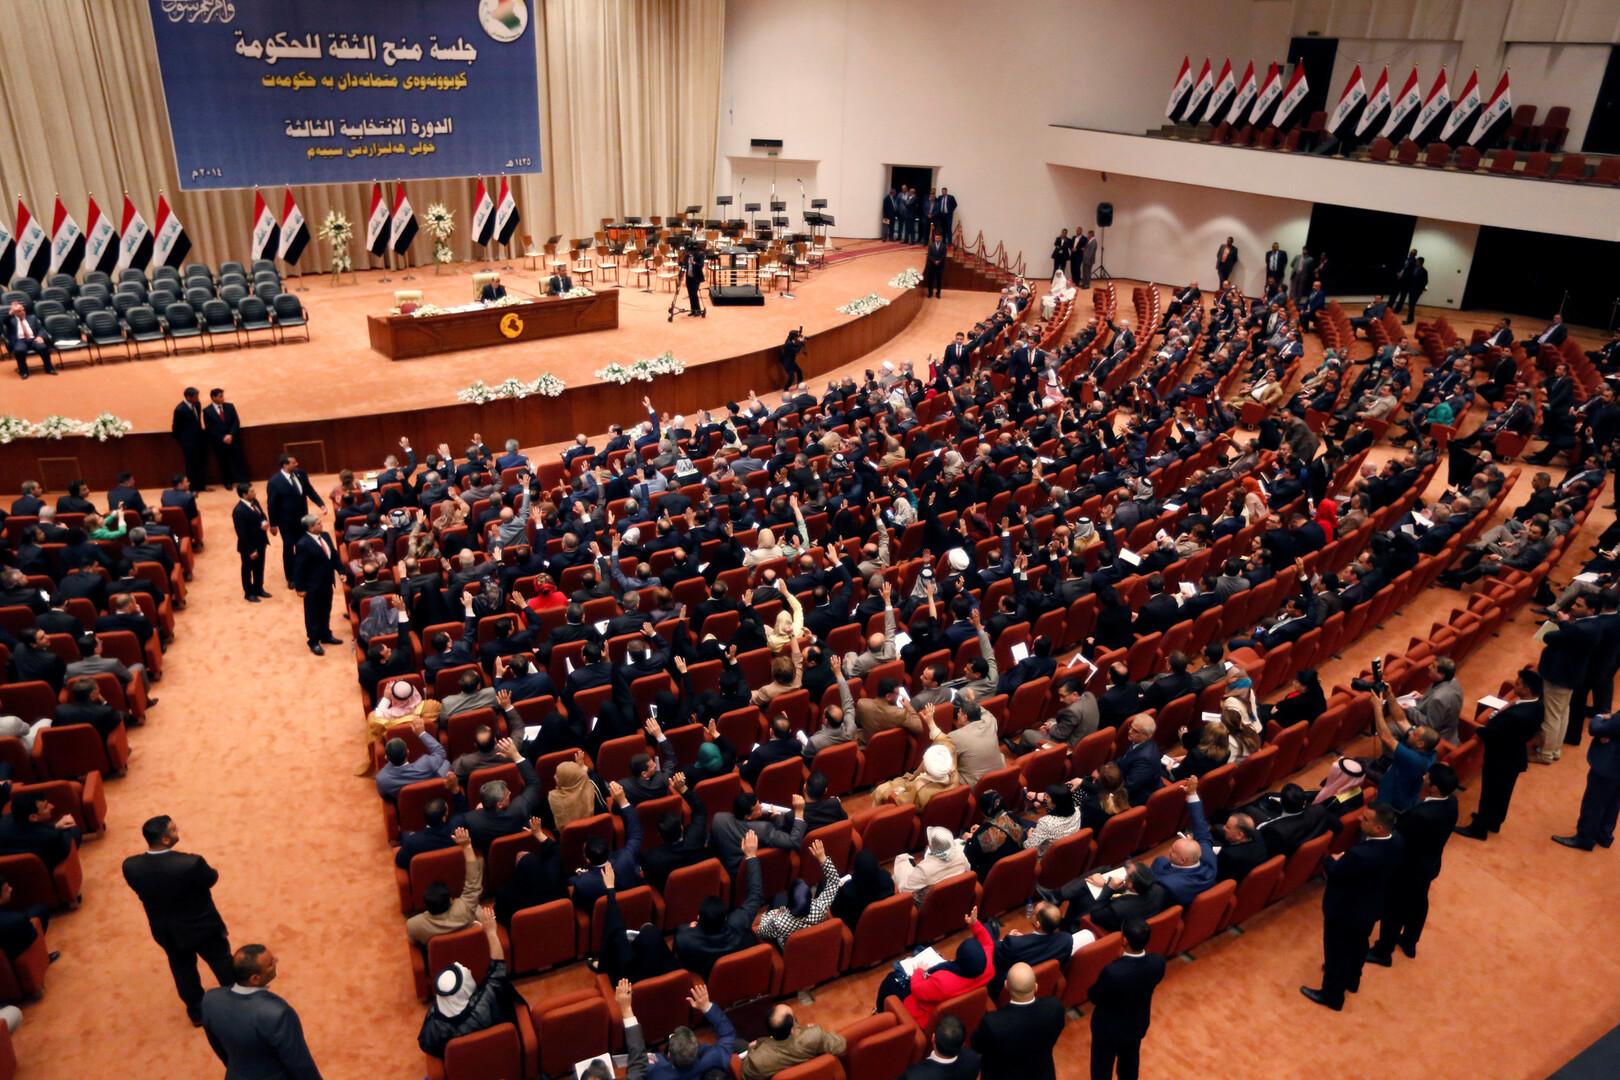 نائب عراقي يتهم قاسم سليماني برفع الحصانة عنه: أهنئك على النصر